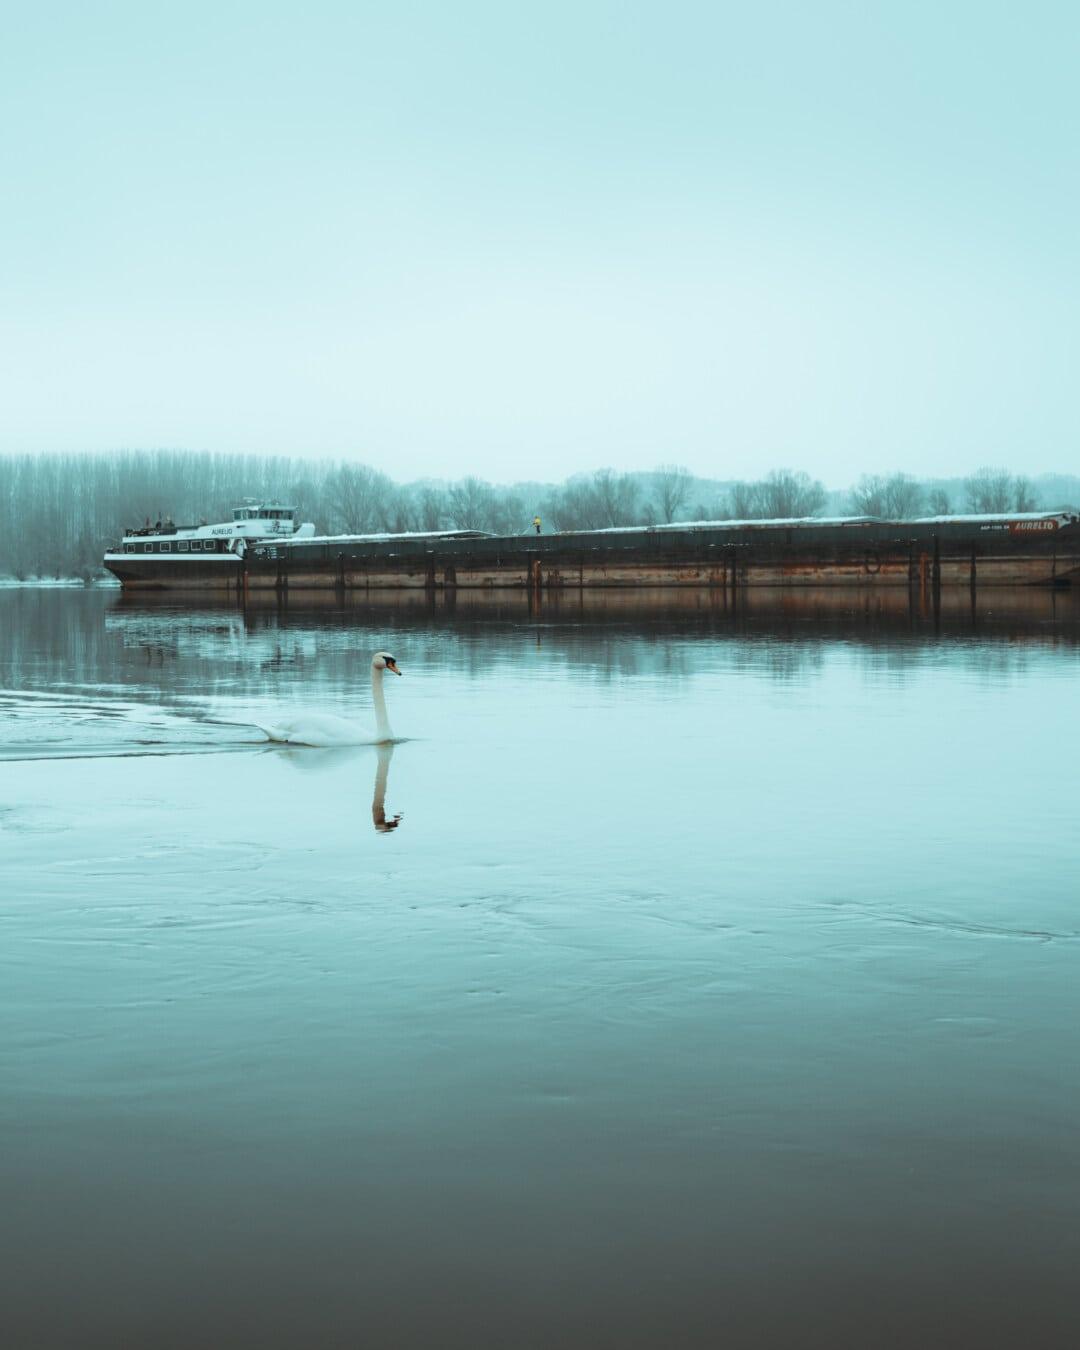 cargo ship, barge, river, ice water, winter, bird, swan, lake, water, nature